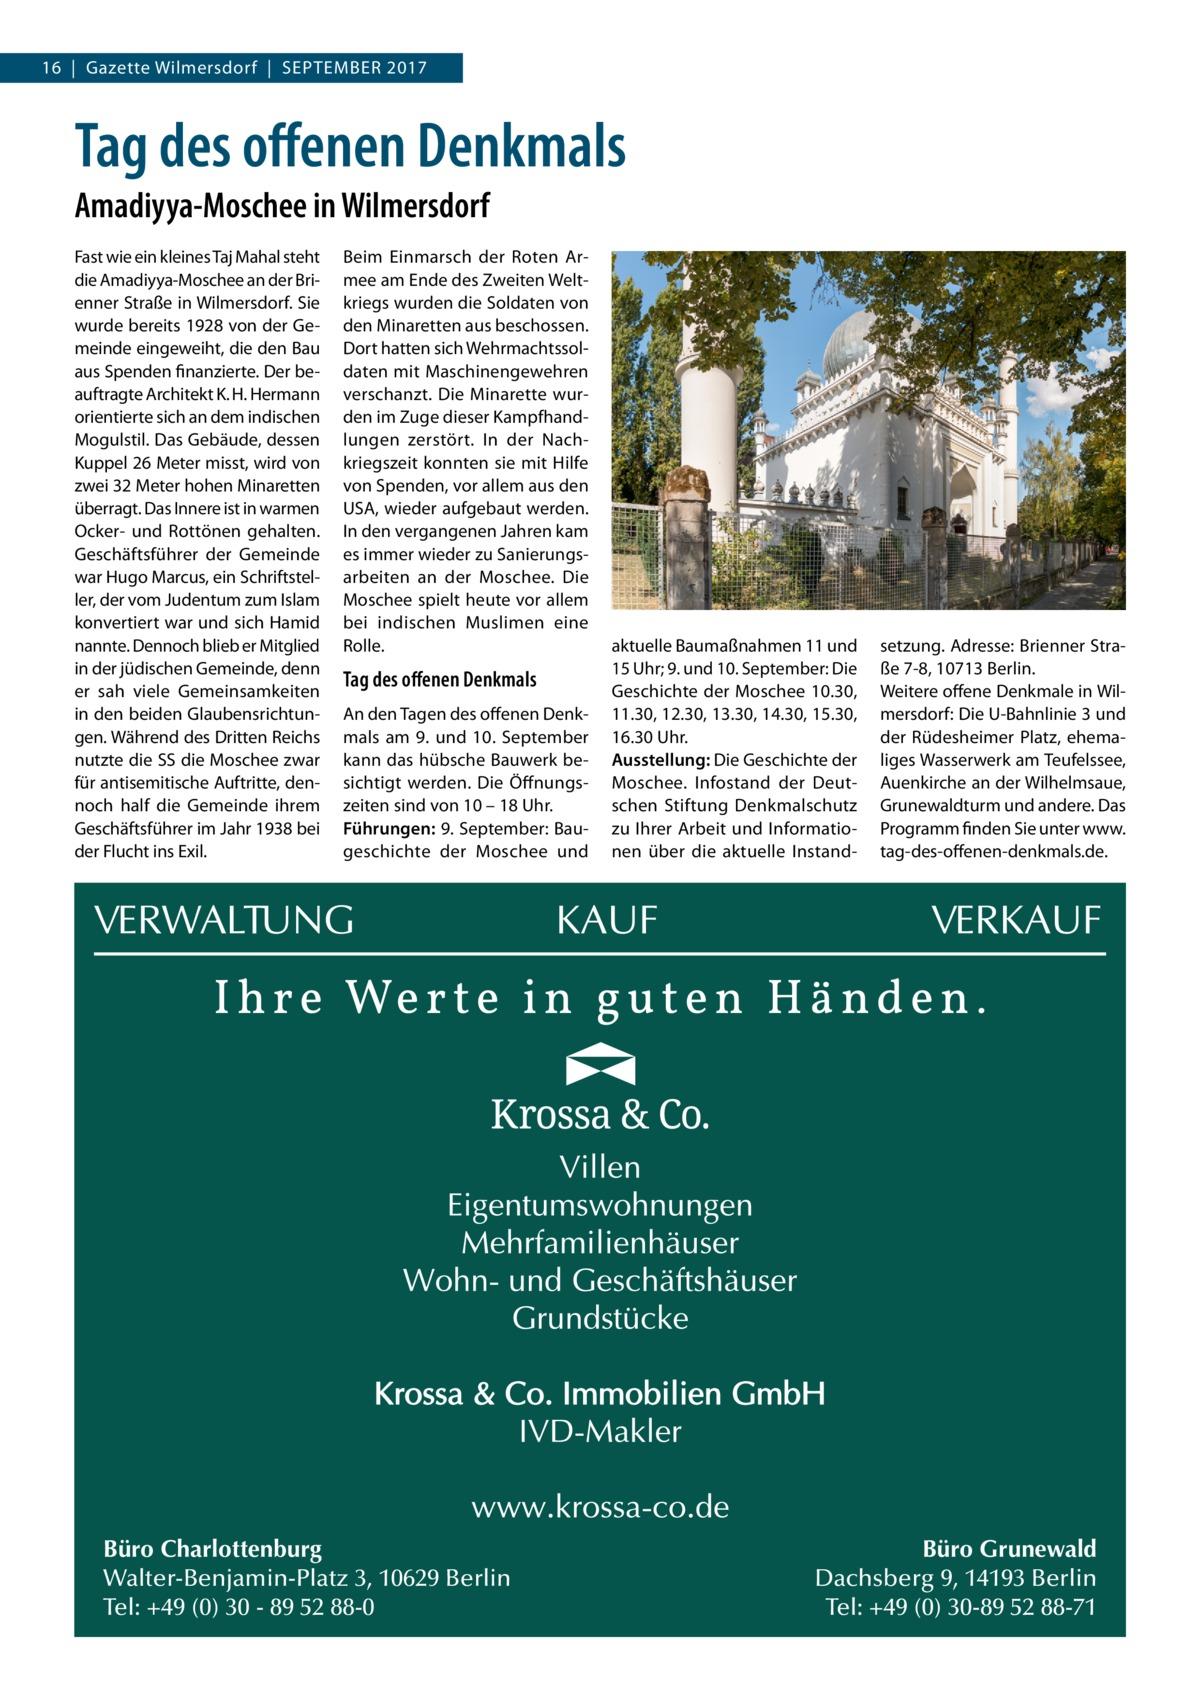 16|Gazette Wilmersdorf|September 2017  Tag des offenen Denkmals Amadiyya-Moschee in Wilmersdorf Fast wie ein kleines Taj Mahal steht die Amadiyya-Moschee an der Brienner Straße in Wilmersdorf. Sie wurde bereits 1928 von der Gemeinde eingeweiht, die den Bau aus Spenden finanzierte. Der beauftragte Architekt K.H.Hermann orientierte sich an dem indischen Mogulstil. Das Gebäude, dessen Kuppel 26Meter misst, wird von zwei 32Meter hohen Minaretten überragt. Das Innere ist in warmen Ocker- und Rottönen gehalten. Geschäftsführer der Gemeinde war Hugo Marcus, ein Schriftsteller, der vom Judentum zum Islam konvertiert war und sich Hamid nannte. Dennoch blieb er Mitglied in der jüdischen Gemeinde, denn er sah viele Gemeinsamkeiten in den beiden Glaubensrichtungen. Während des Dritten Reichs nutzte die SS die Moschee zwar für antisemitische Auftritte, dennoch half die Gemeinde ihrem Geschäftsführer im Jahr 1938 bei der Flucht ins Exil.  Beim Einmarsch der Roten Armee am Ende des Zweiten Weltkriegs wurden die Soldaten von den Minaretten aus beschossen. Dort hatten sich Wehrmachtssoldaten mit Maschinengewehren verschanzt. Die Minarette wurden im Zuge dieser Kampfhandlungen zerstört. In der Nachkriegszeit konnten sie mit Hilfe von Spenden, vor allem aus den USA, wieder aufgebaut werden. In den vergangenen Jahren kam es immer wieder zu Sanierungsarbeiten an der Moschee. Die Moschee spielt heute vor allem bei indischen Muslimen eine Rolle.  Tag des offenen Denkmals An den Tagen des offenen Denkmals am 9. und 10.September kann das hübsche Bauwerk besichtigt werden. Die Öffnungszeiten sind von 10 – 18Uhr. Führungen: 9.September: Baugeschichte der Moschee und  Büro Charlottenburg Walter-Benjamin-Platz 3, 10629 Berlin Tel: +49 (0) 30 - 89 52 88-0  aktuelle Baumaßnahmen 11 und 15Uhr; 9. und 10.September: Die Geschichte der Moschee 10.30, 11.30, 12.30, 13.30, 14.30, 15.30, 16.30Uhr. Ausstellung: Die Geschichte der Moschee. Infostand der Deutschen Stiftung Denkmalschutz zu Ihrer Arbeit und